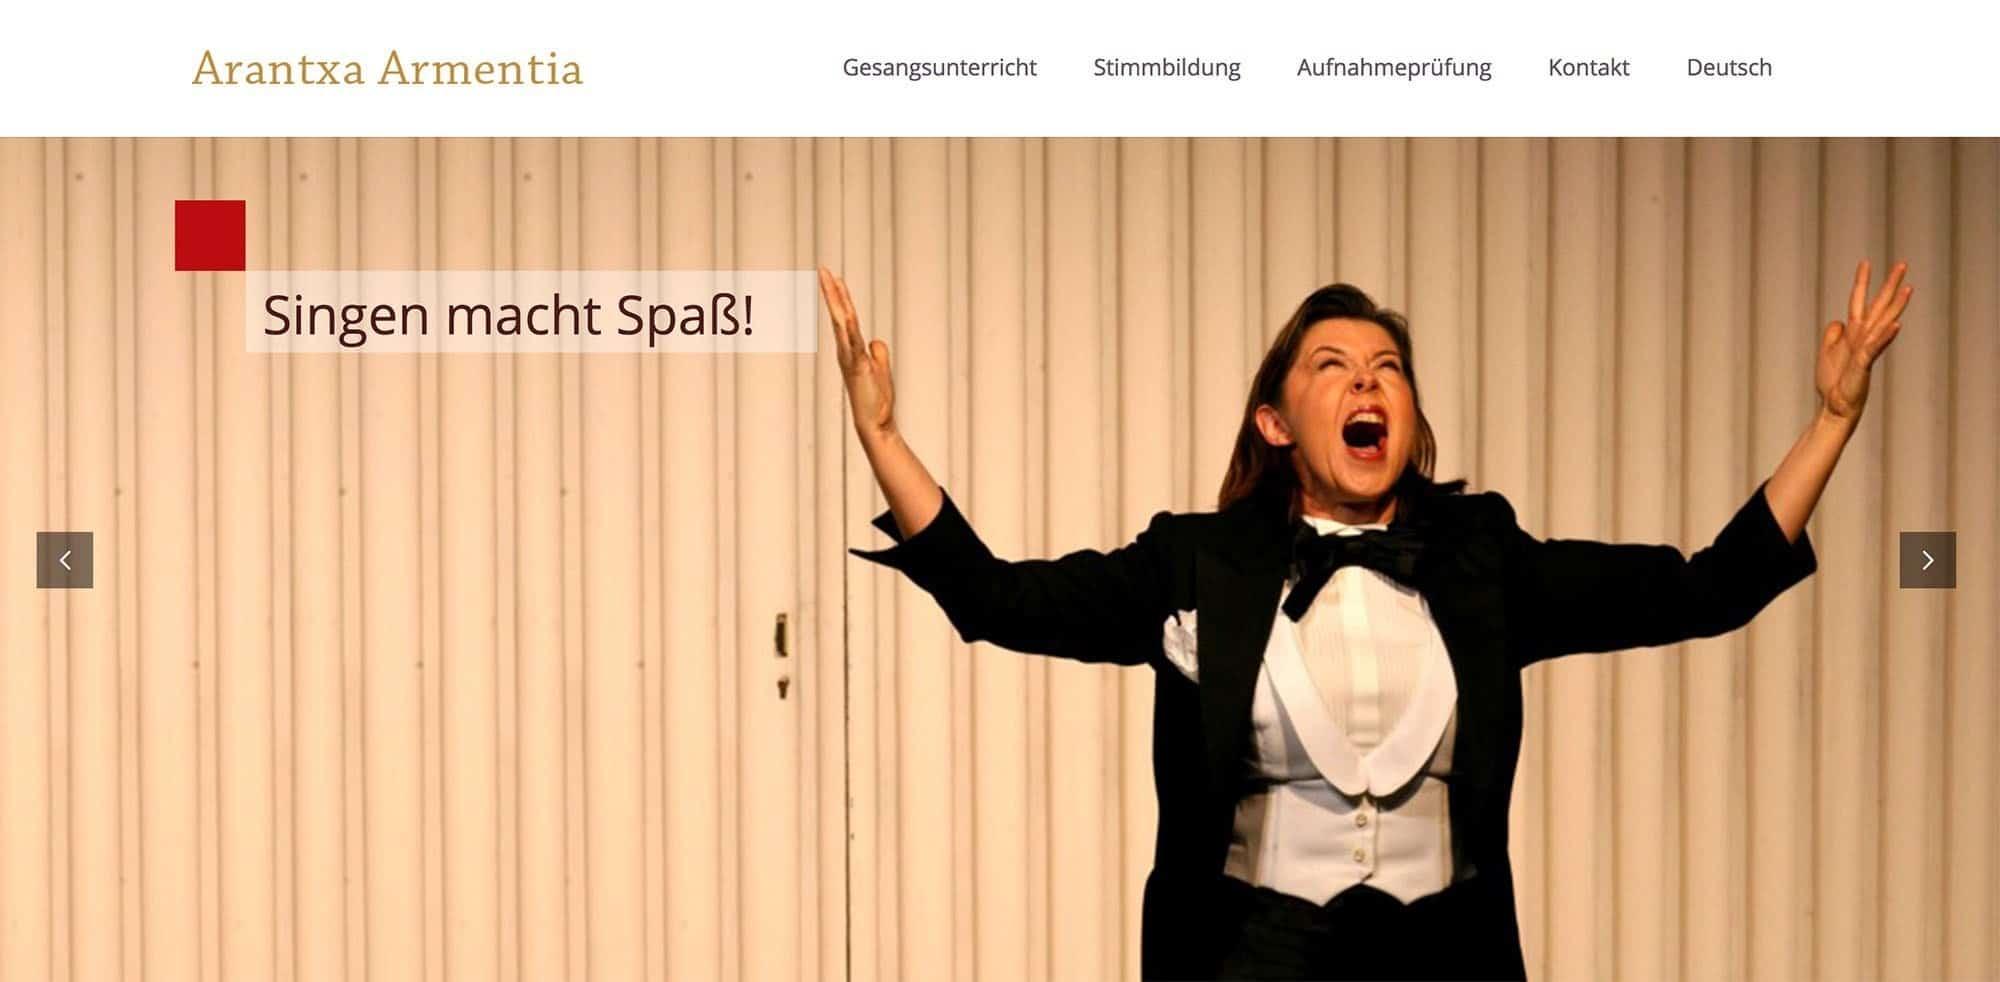 Arantxa Armentia - Gesangsunterricht